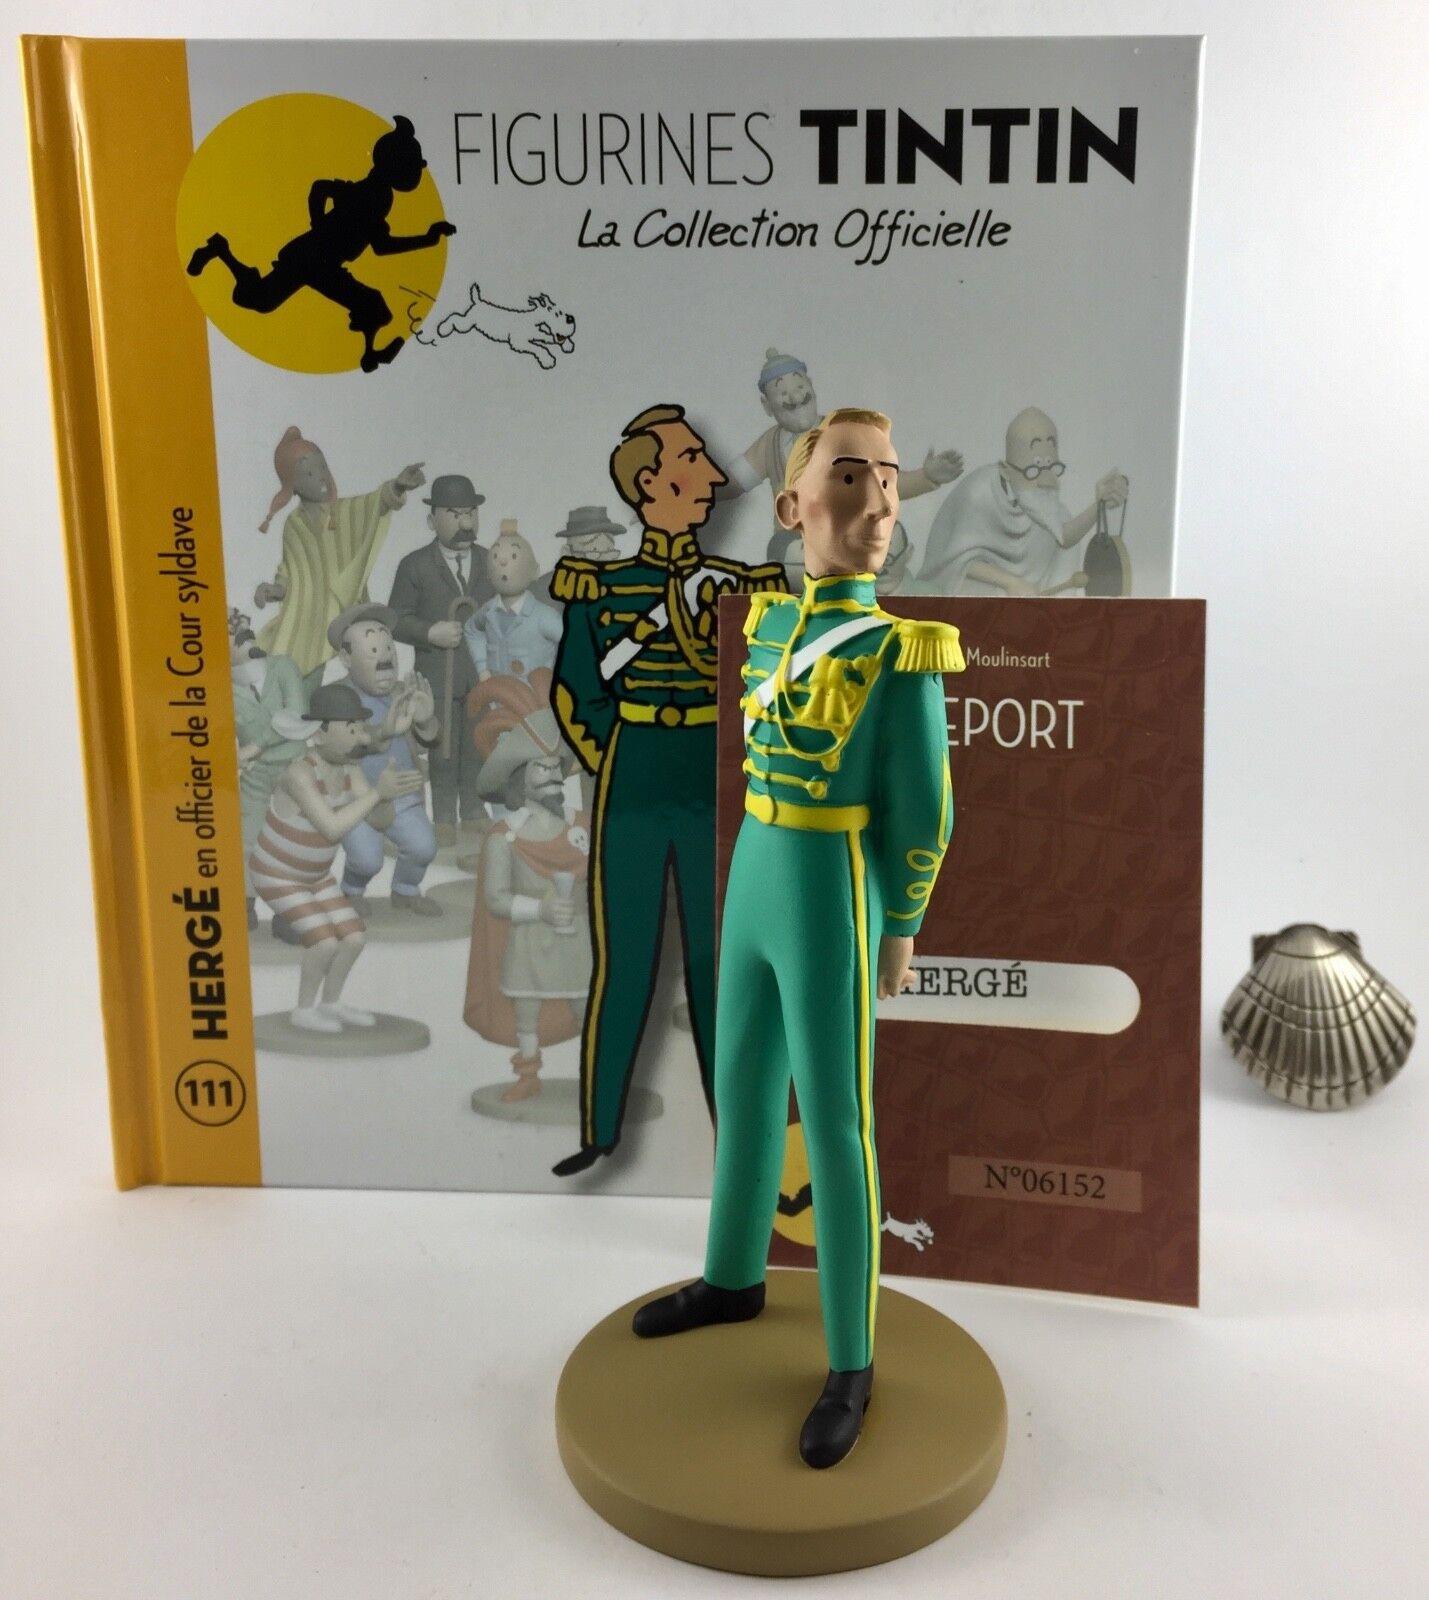 Collection officielle figurine Tintin Moulinsart 111 Hergé officier Cour Syldave